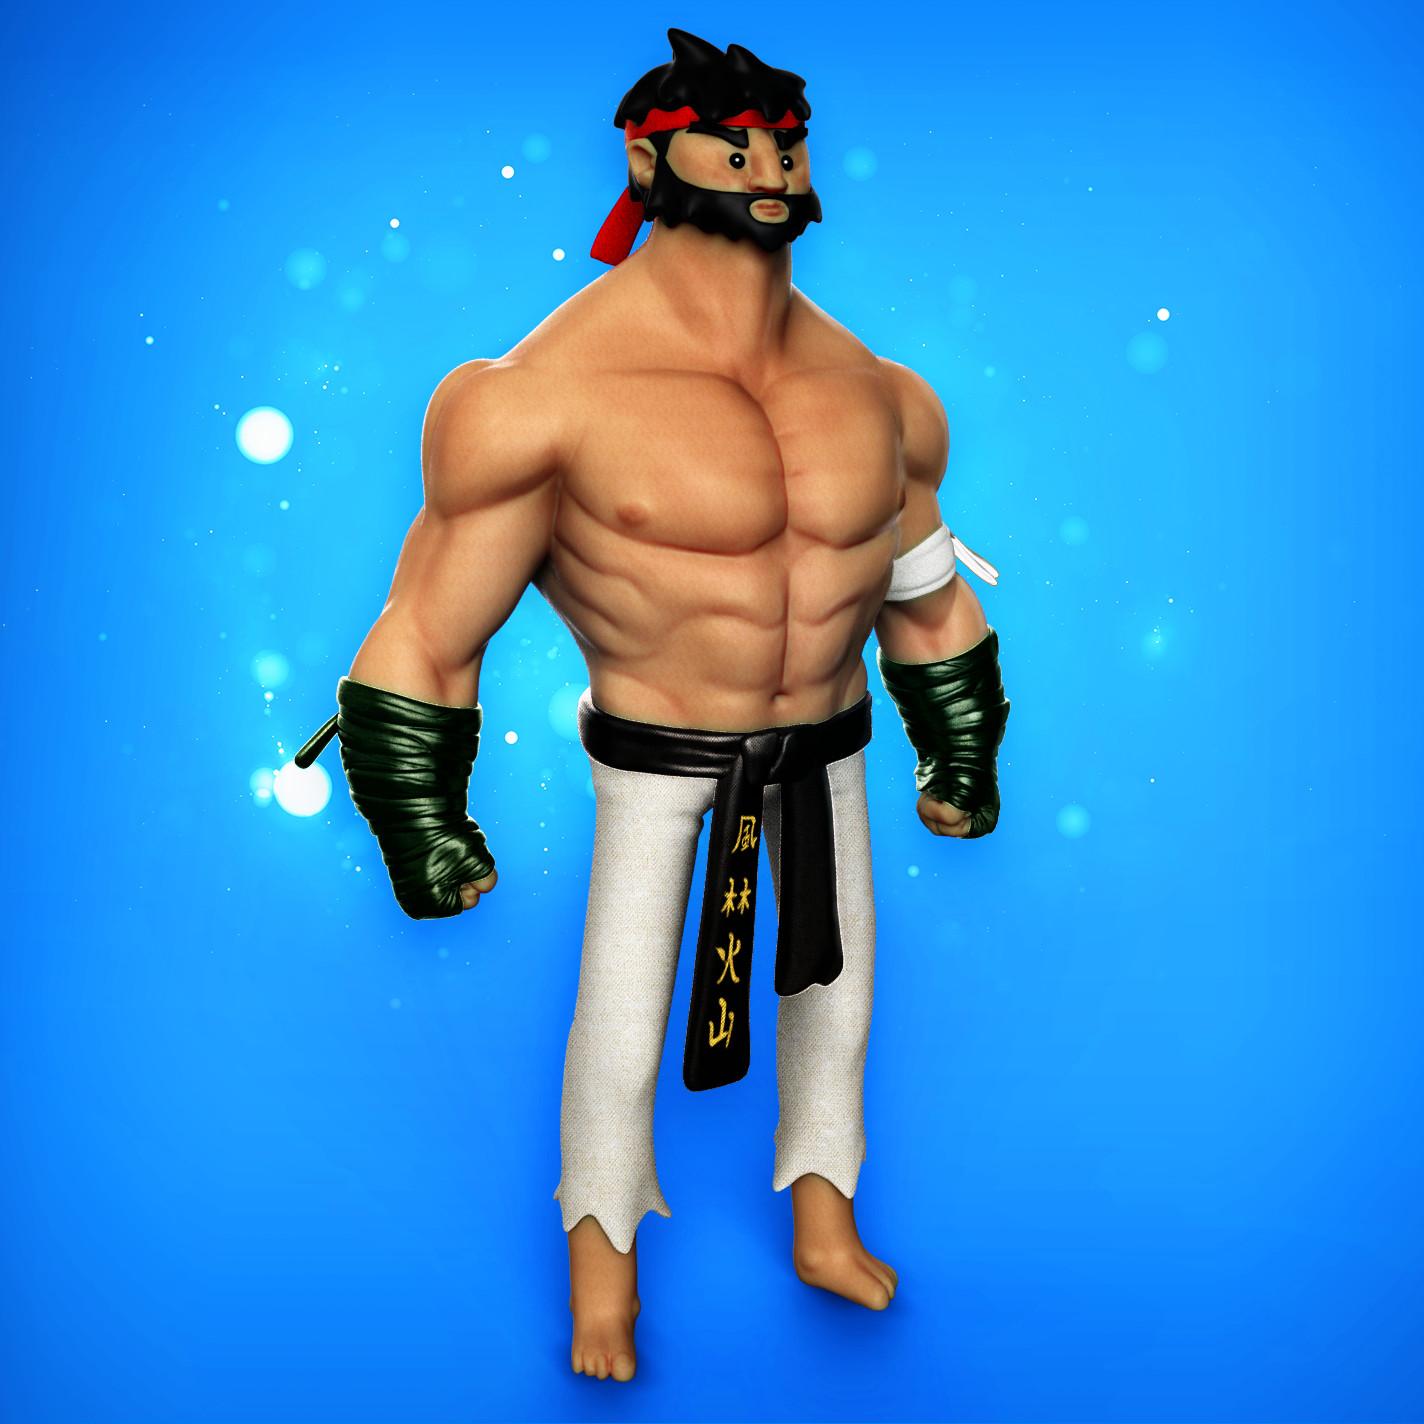 Hot Ryu